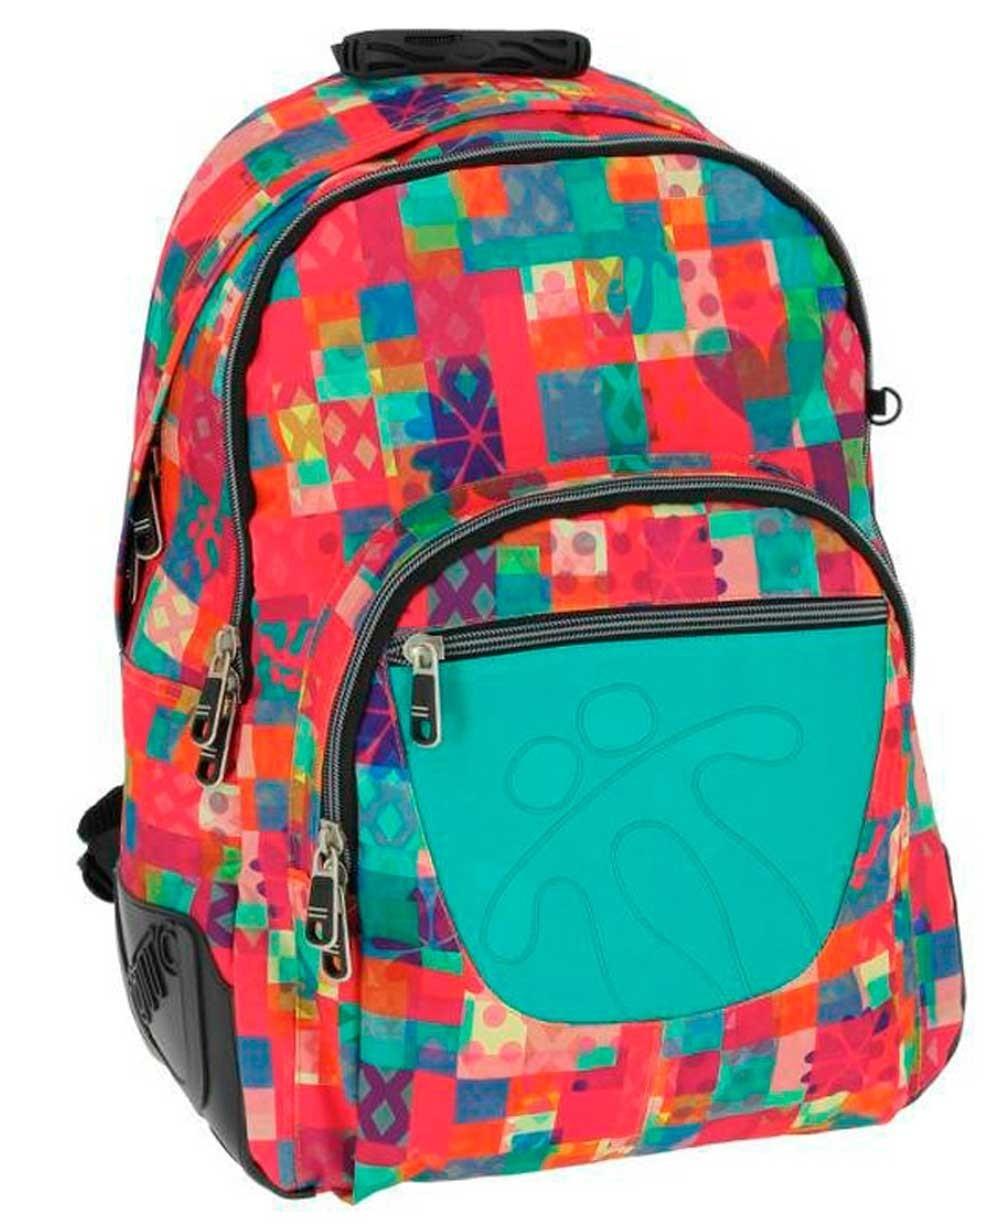 Totto Crayola Mochila Multicolor (Foto )